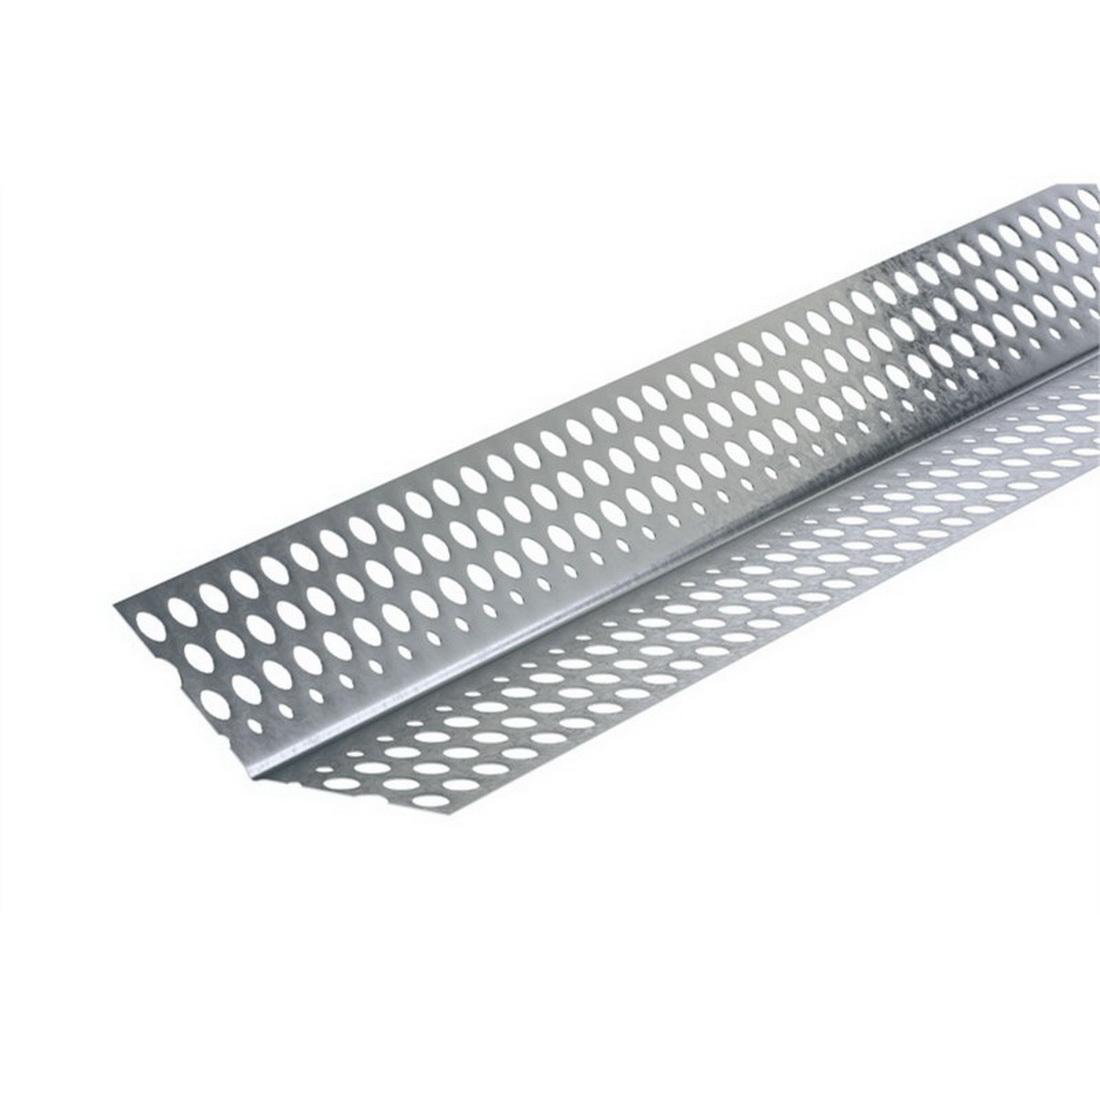 P01 External Corner Slim Angle Moulding 2400mm 135 Deg